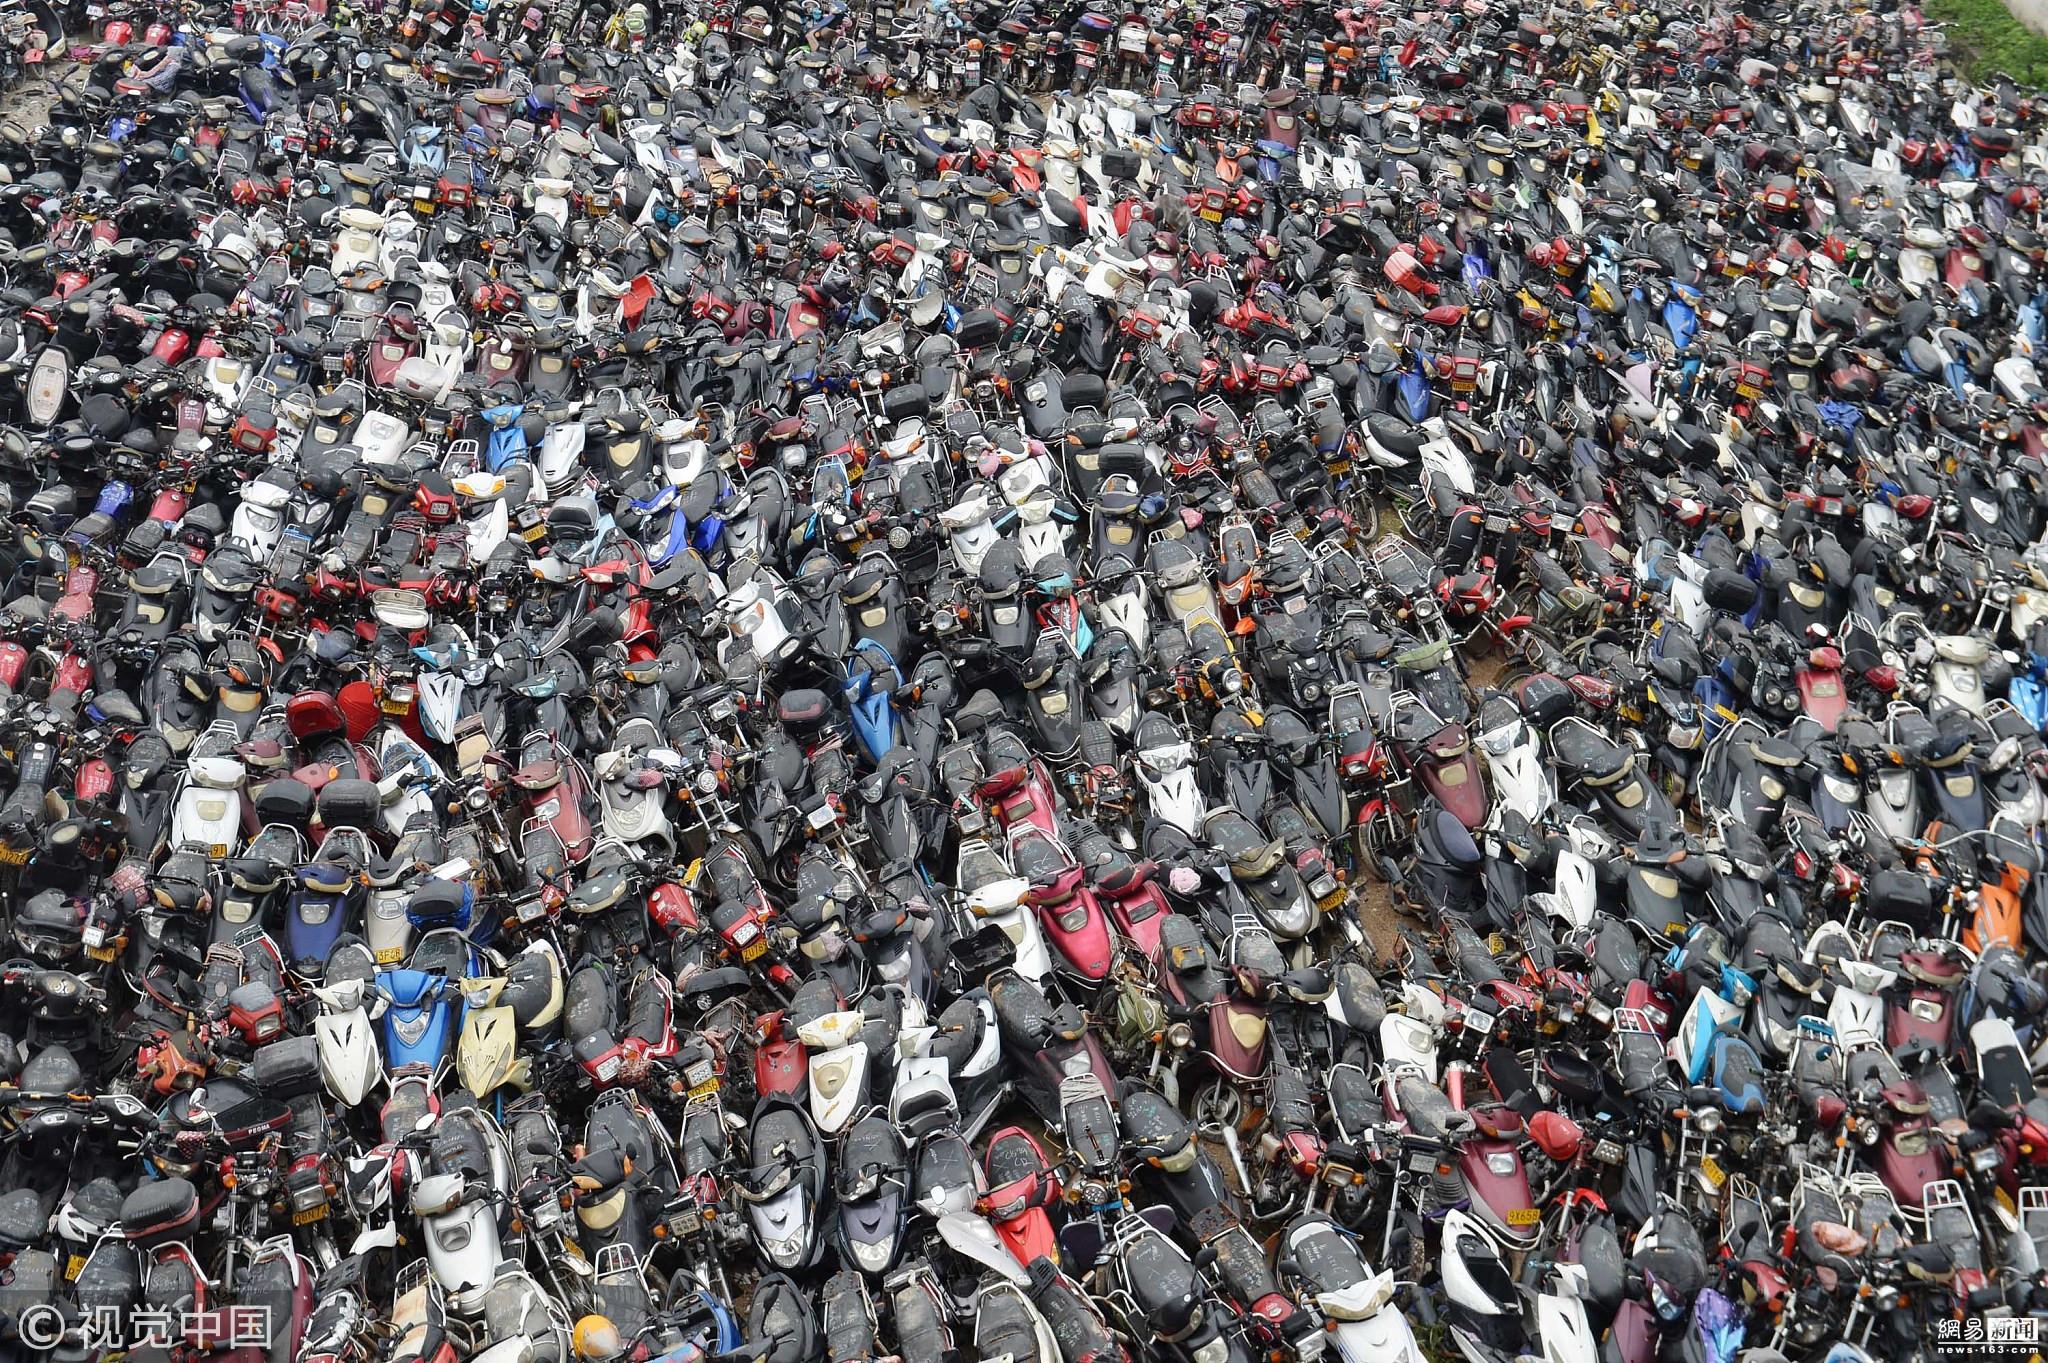 广州摩托车坟场6000辆摩托等待拆解! - 周公乐 - xinhua8848 的博客